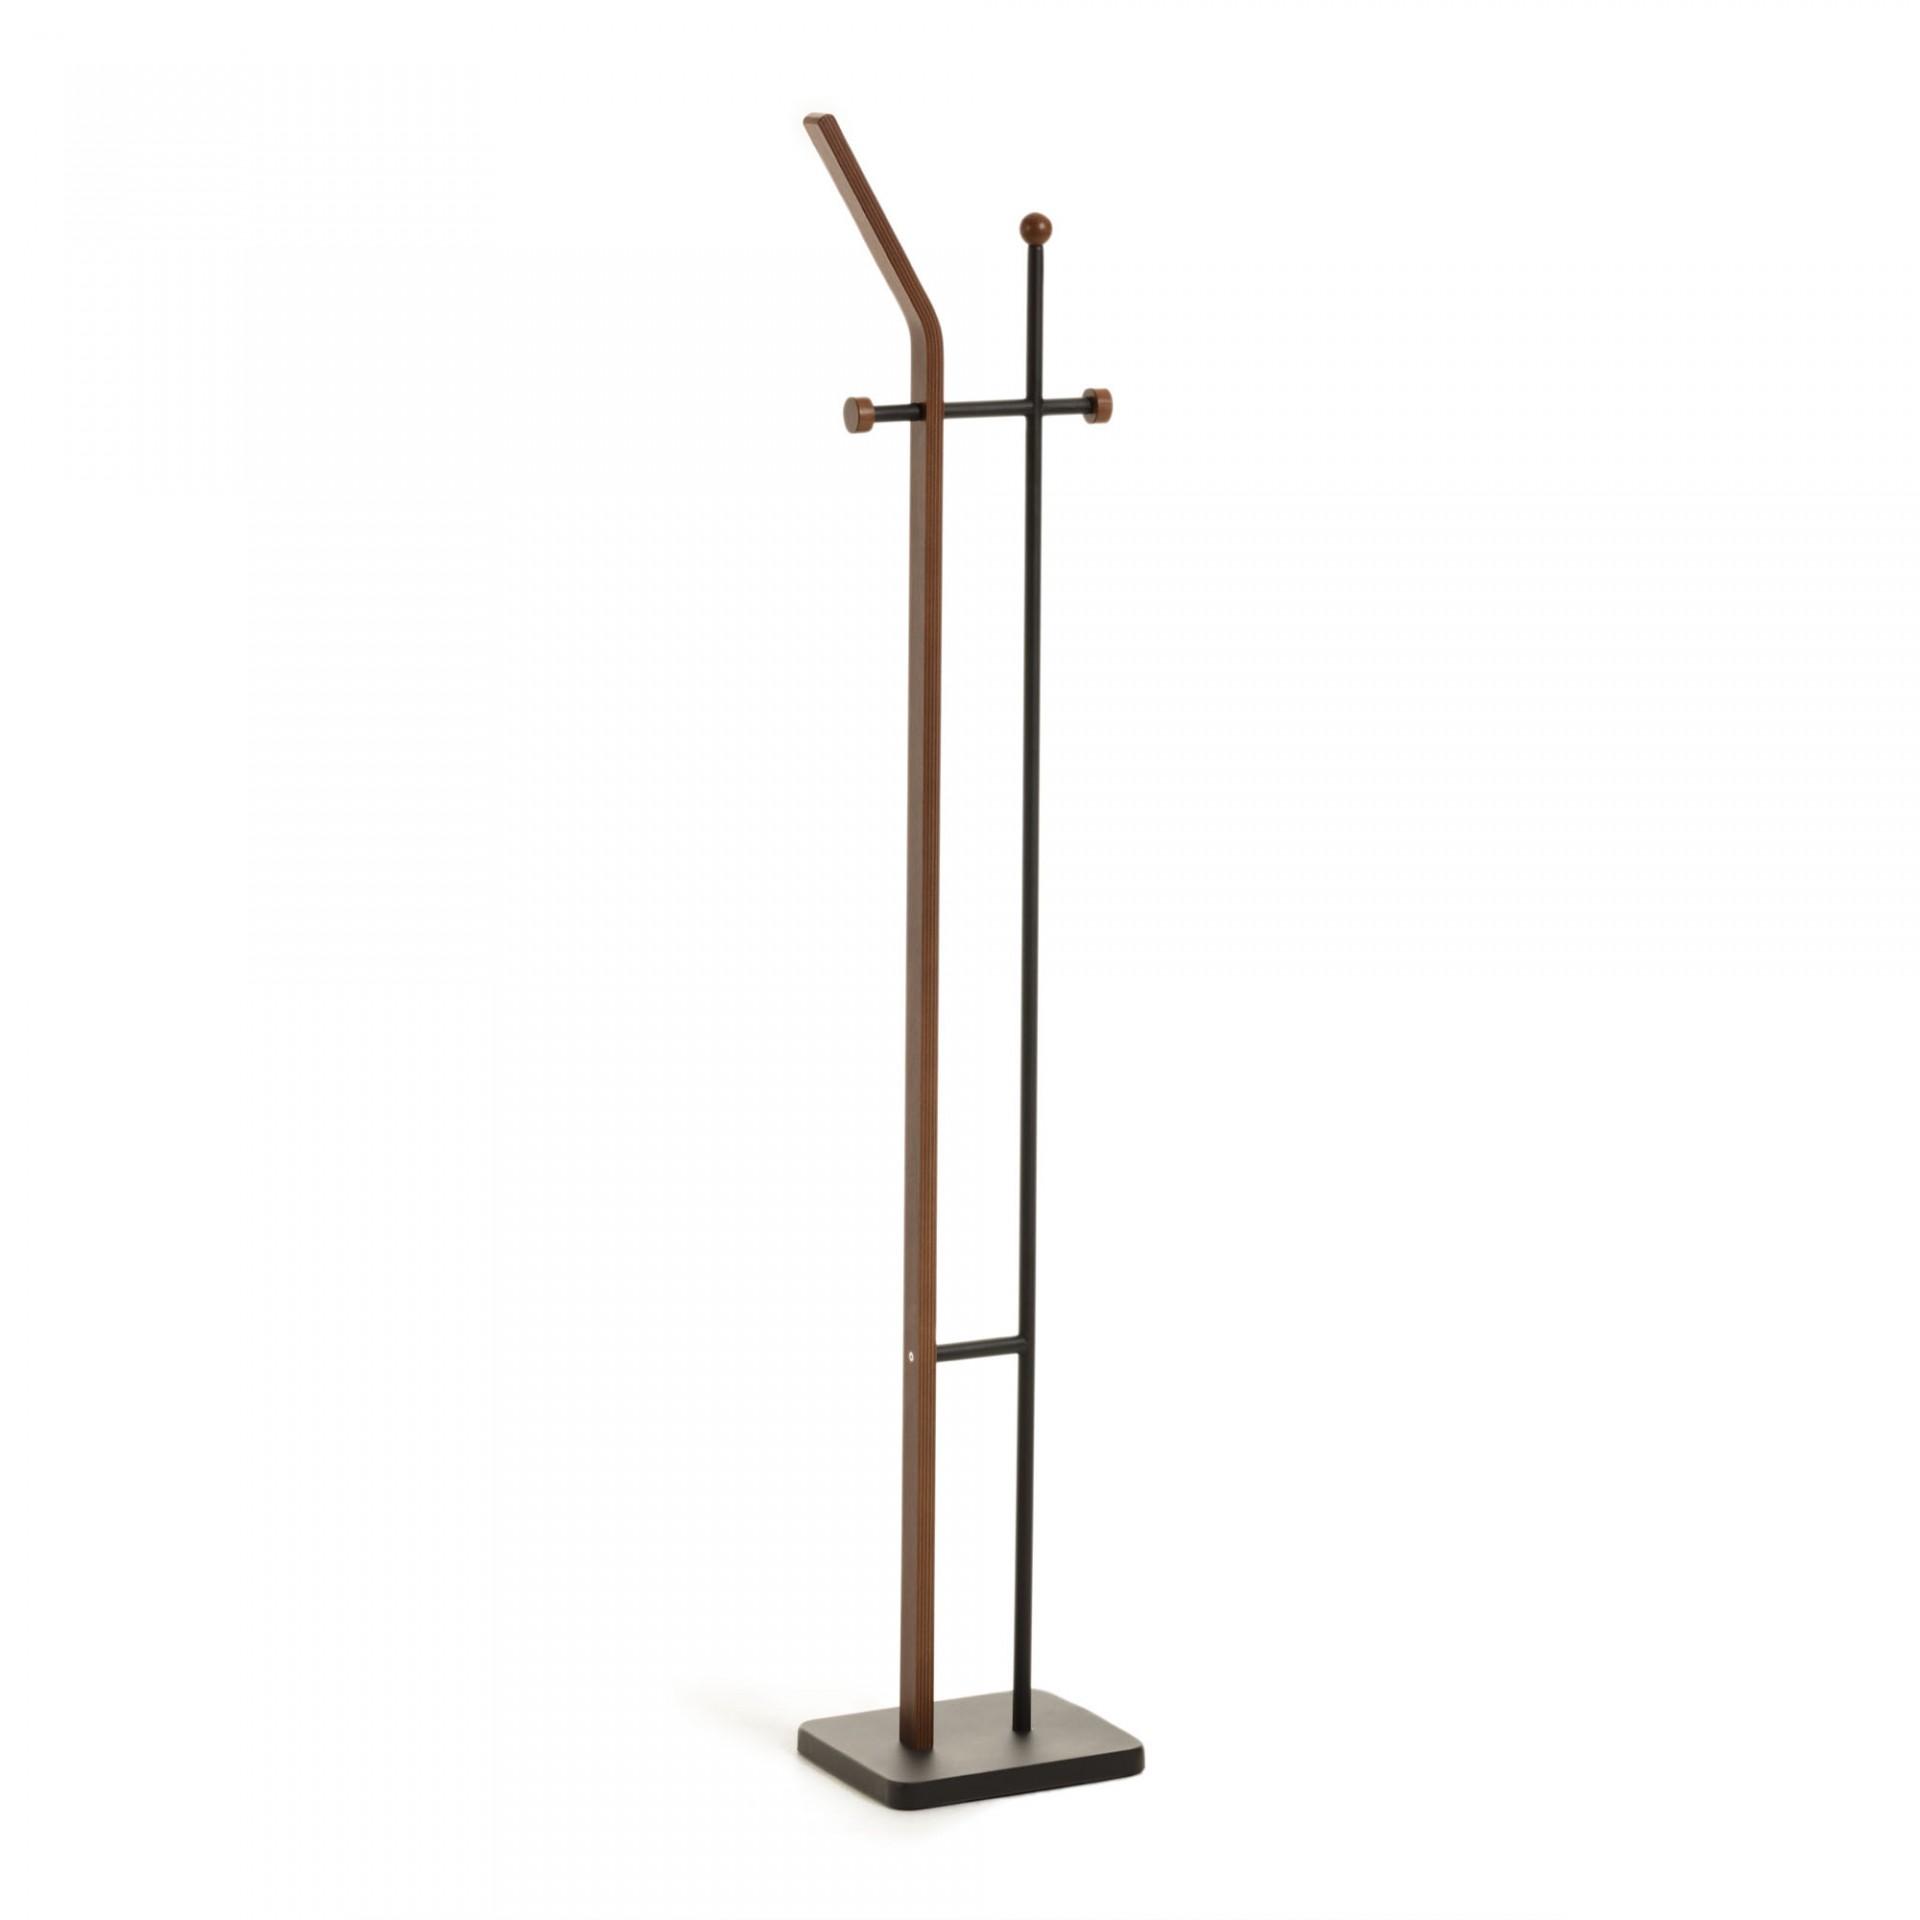 Cabide de pé Migal, madeira/metal, 34x172